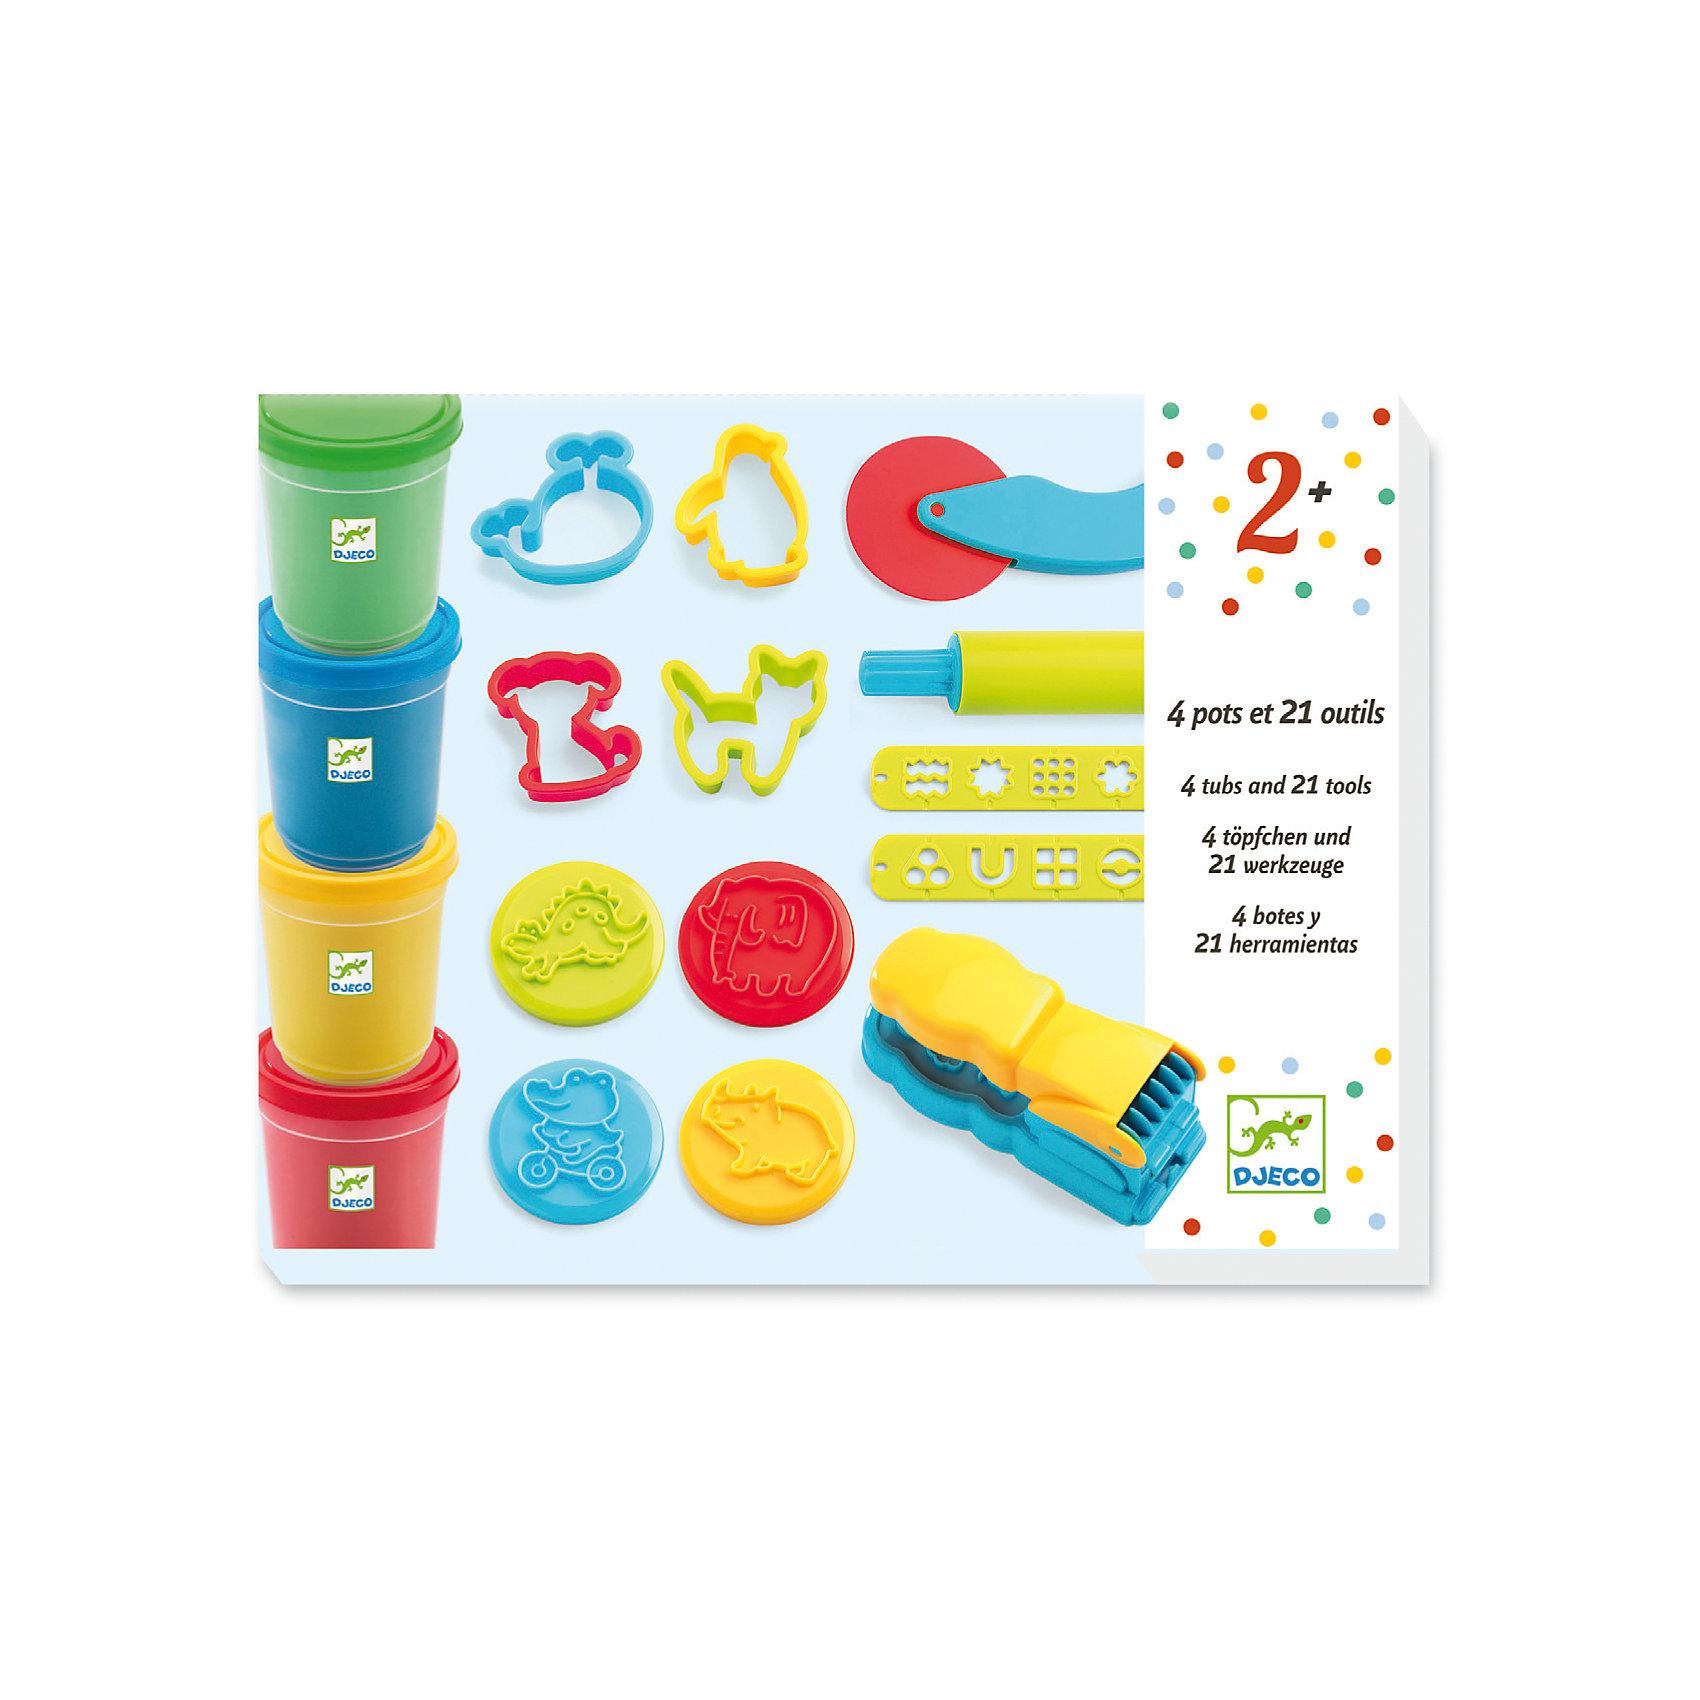 Набор для творчества с пластилином, DJECOХарактеристики набора для творчества На балу:<br><br>• пол: универсальный<br>• возраст: от 3 лет<br>• комплект: 4 баночки с пластилином, скалка, ножичек, 8 формочек, 8 штампов, пресс для пластилина<br>• состав набора: пластик, пластилин<br>• тип набора: создание картинок<br>• упаковка: картонная коробка<br>• размер упаковки: 27 x 20 х 7 см<br>• вес баночек пластилина: 140 гр.<br>• бренд: Djeco<br>• страна обладателя бренда: Франция<br><br>Набор для творчества Пластилин производителя Djeco - это комплект самых разнообразных инструментов для деятельности с пластилином. В нем можно найти несколько интересных инструментов и формочек, а также баночек с разноцветной массой для лепки.<br><br>Пластилин изготовлен из качественных материалов и не принесет ребенку вреда, однако нужно проследить чтобы малыш не кушал его. Благодаря инструменту с прессом можно выдавливать необычные полосочки и делать из них удивительные картины.<br><br>Набор для творчества с пластилином торговой марки Djeco (Джеко) можно купить в нашем интернет-магазие.<br><br>Ширина мм: 280<br>Глубина мм: 210<br>Высота мм: 70<br>Вес г: 910<br>Возраст от месяцев: 36<br>Возраст до месяцев: 2147483647<br>Пол: Унисекс<br>Возраст: Детский<br>SKU: 5448834